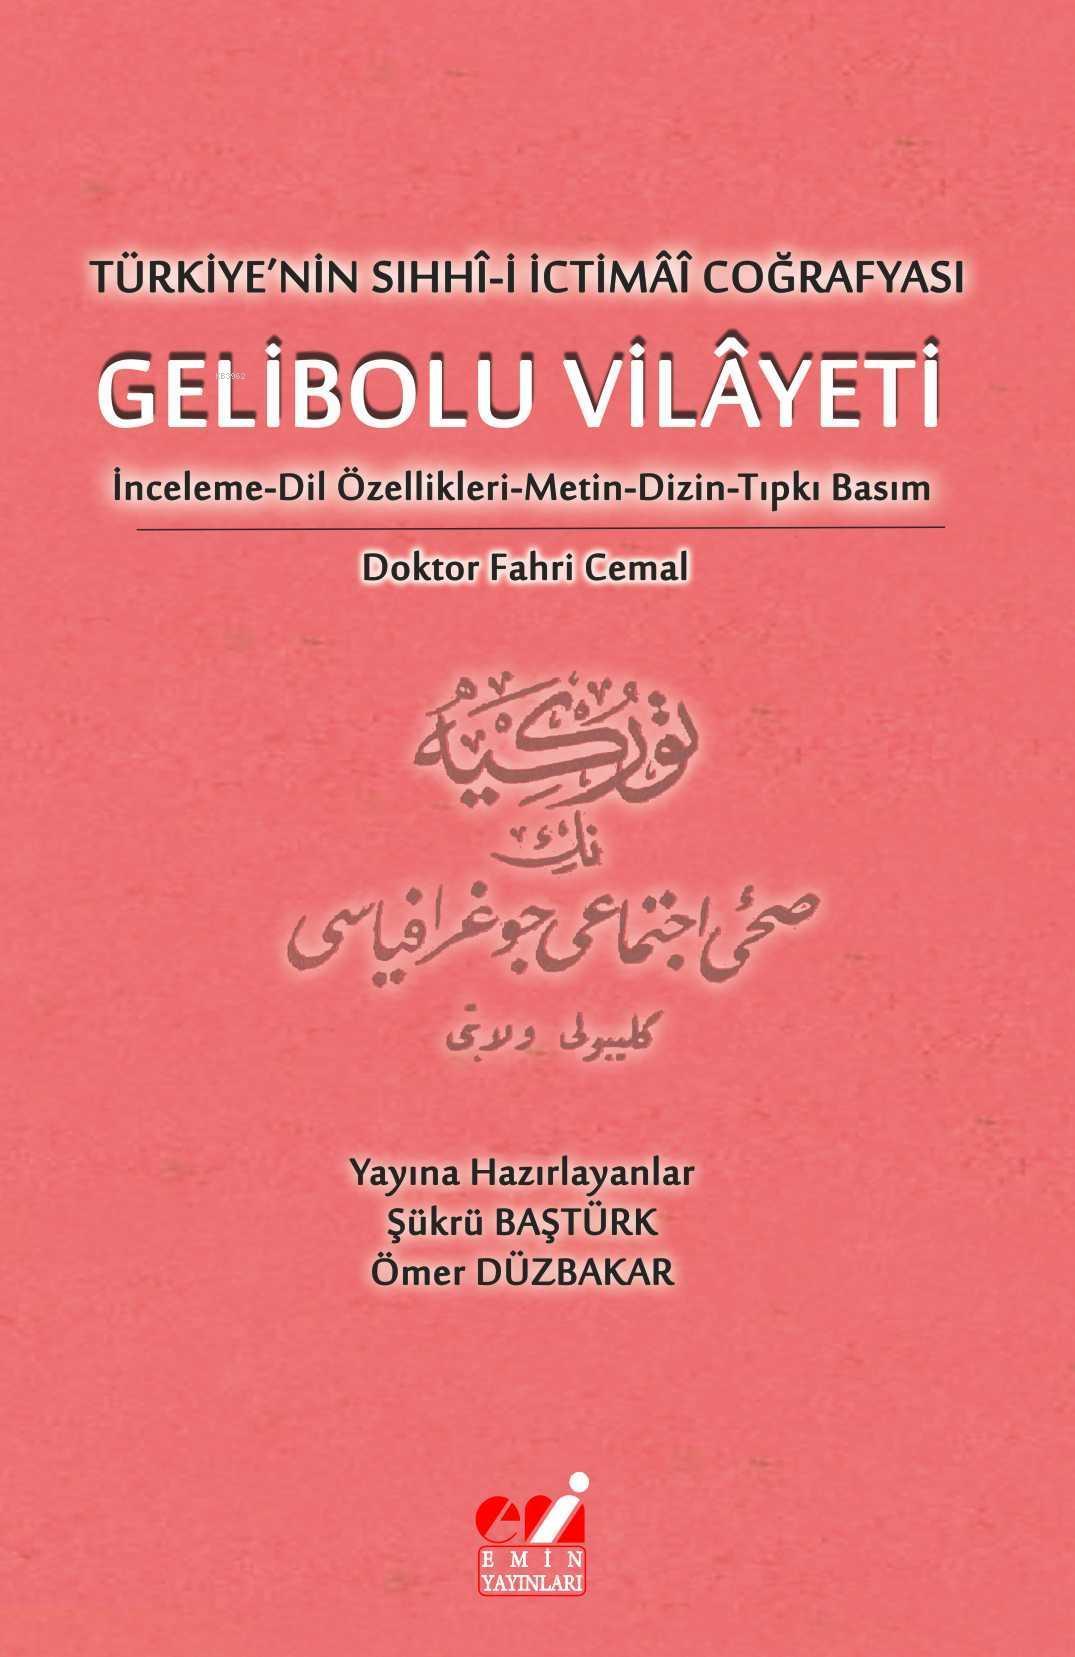 Türkiye'nin Sıhhî-i İctimâî Coğrafyası Gelibolu Vilayeti